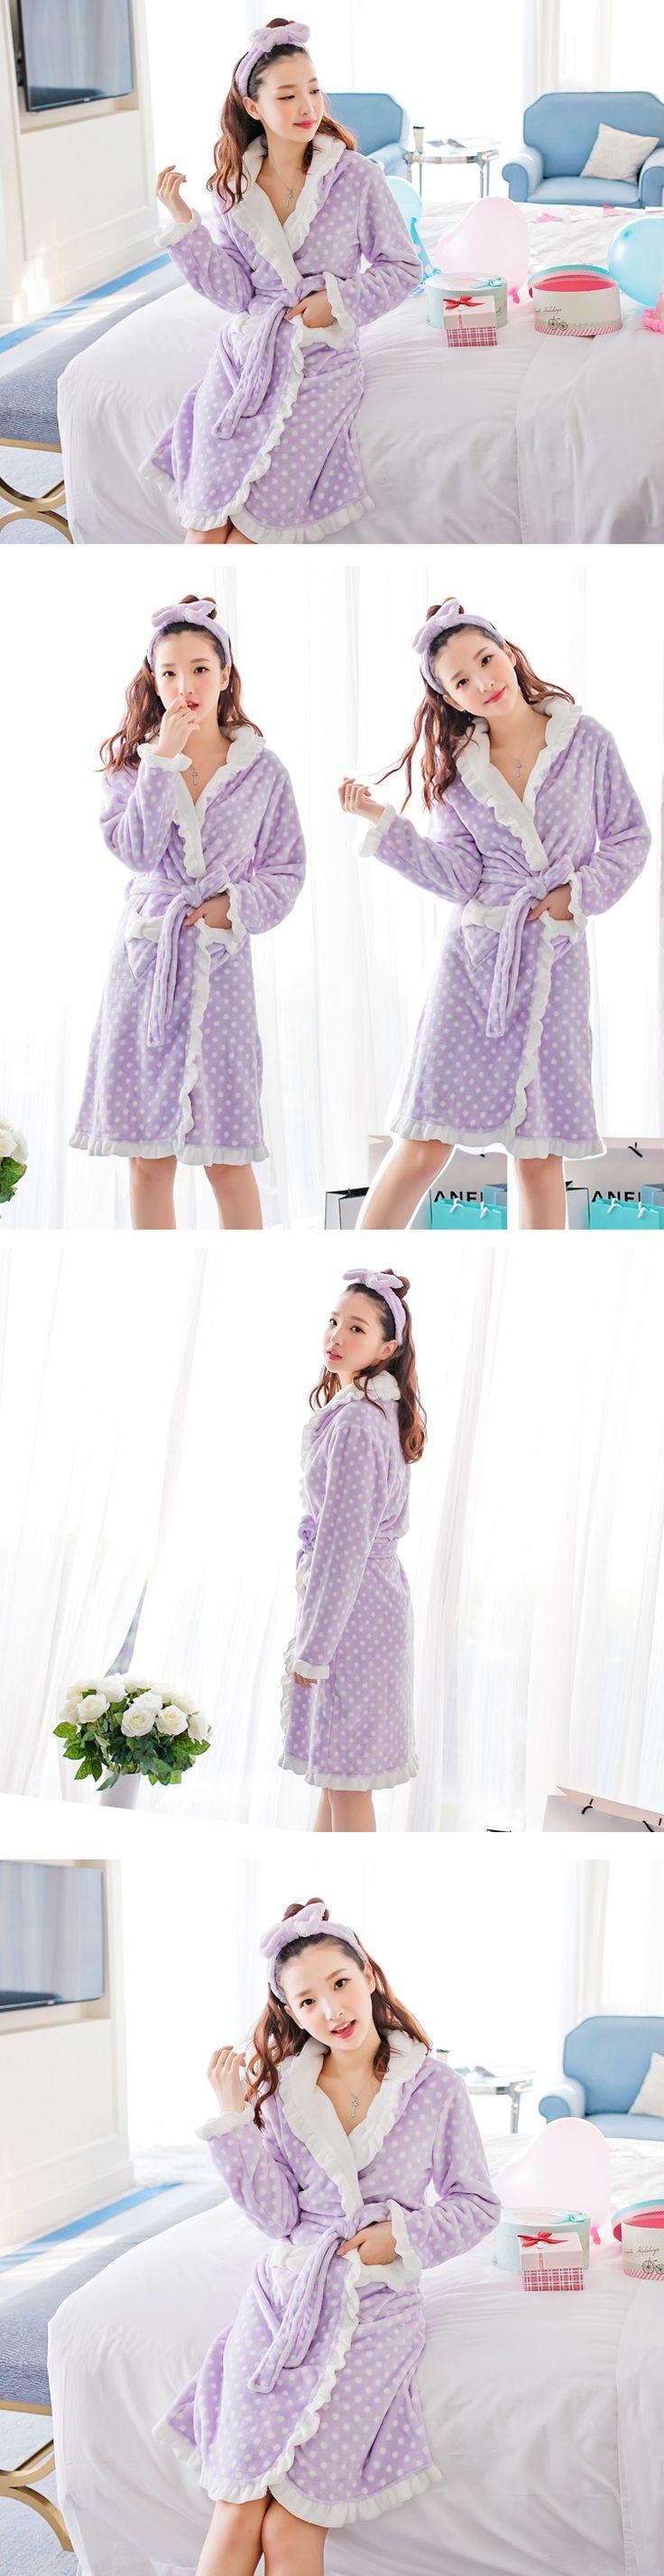 Wydz / verkko mukaan Dan lapsen naisten malleja syksyllä ja talvella flanelli pyjama Coral sametti viitta pitsi kylpytakki kotipalvelu -tmall.com Lynx